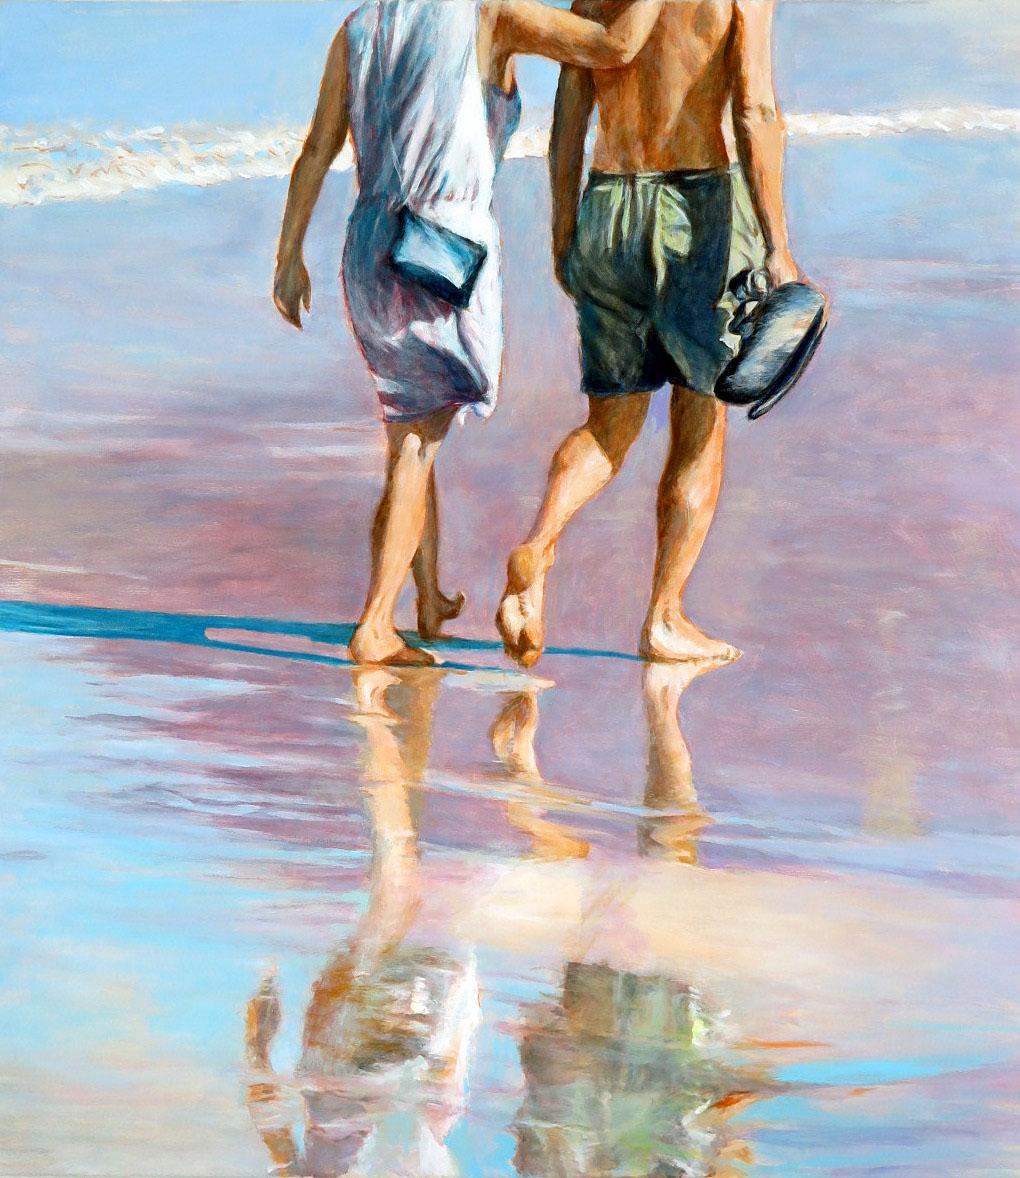 Beachwalkers IV